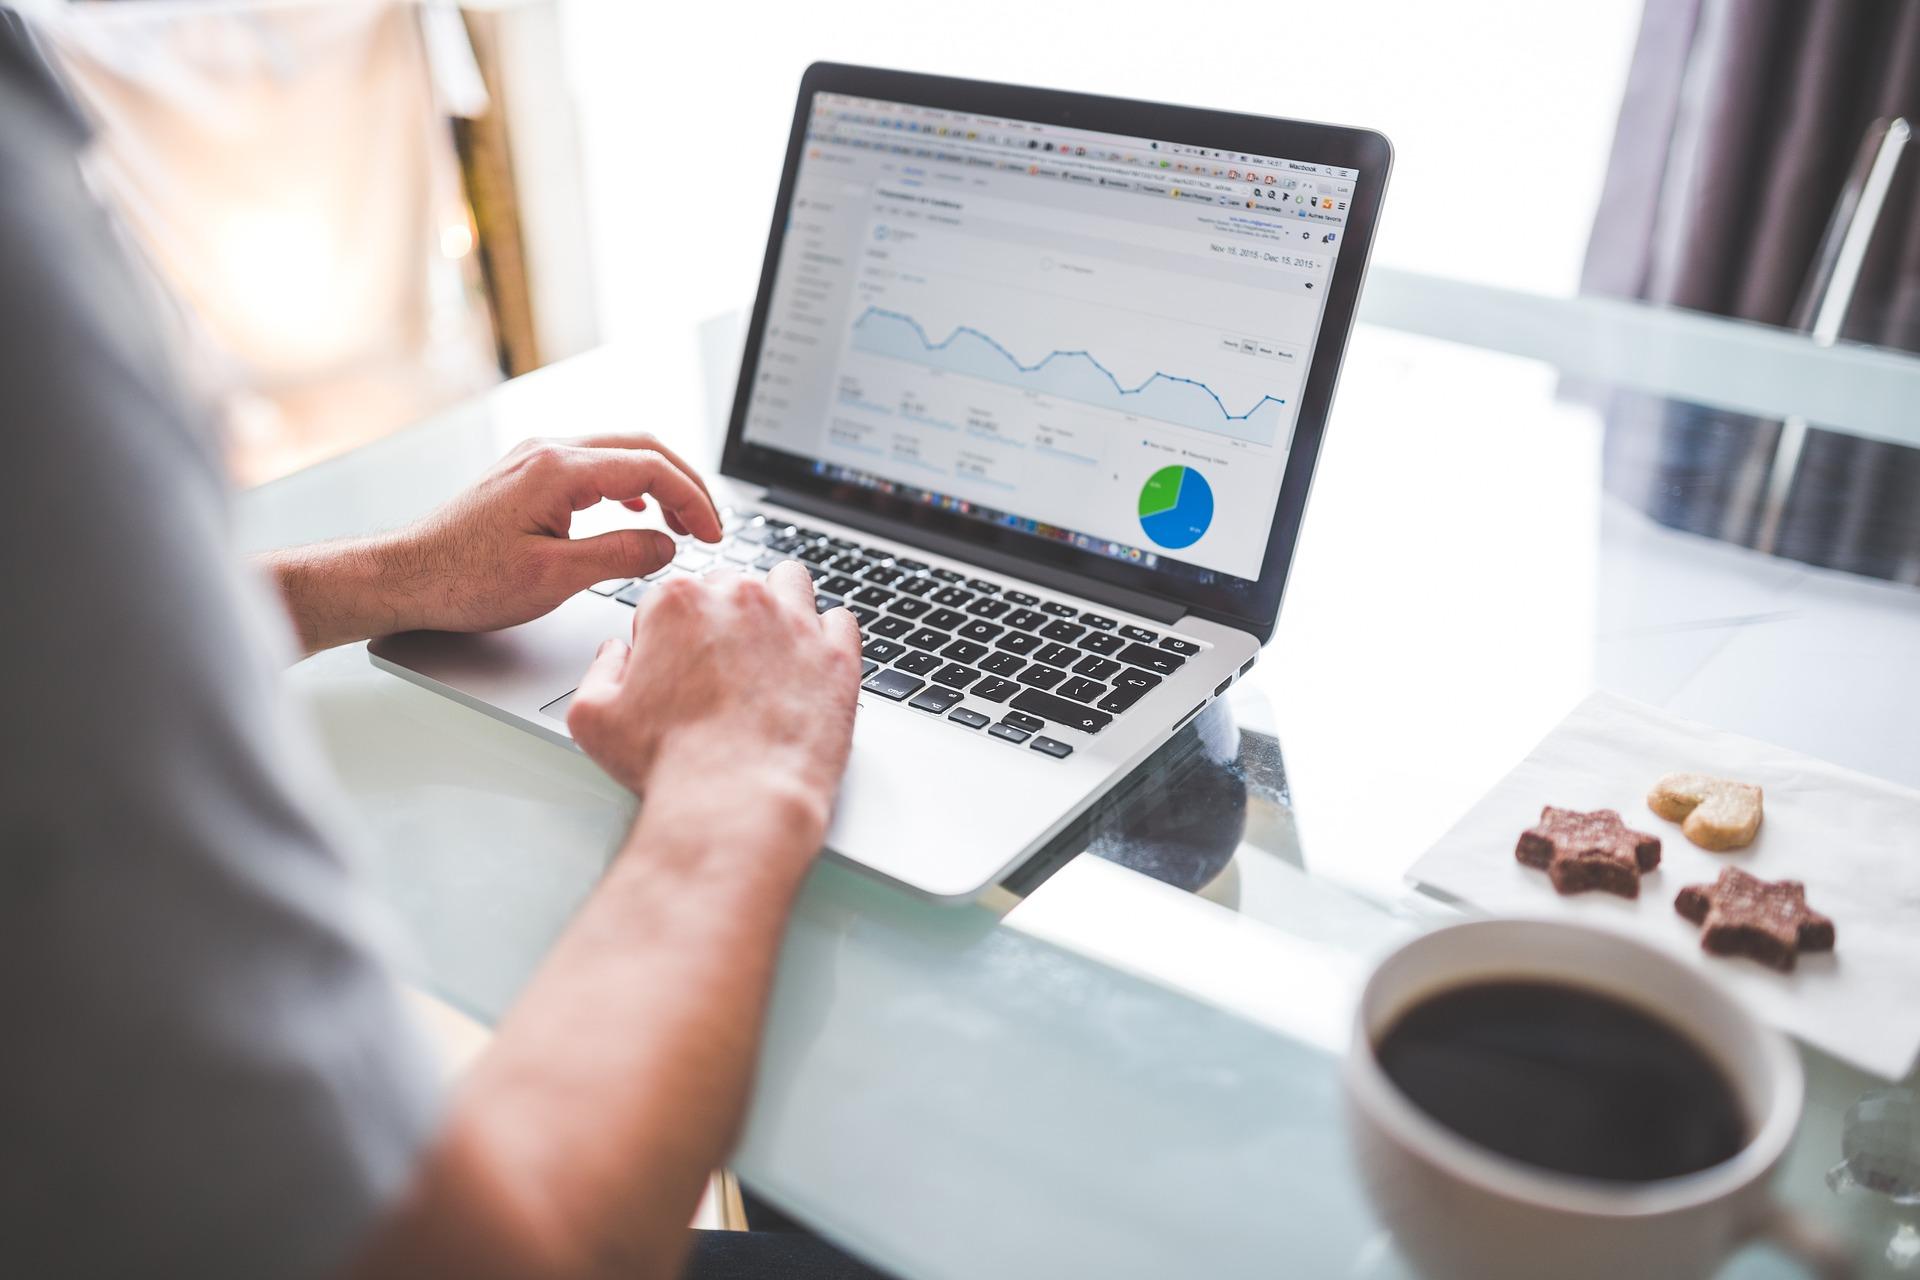 SEO analytics screen measuring LeadGen (lead generation)